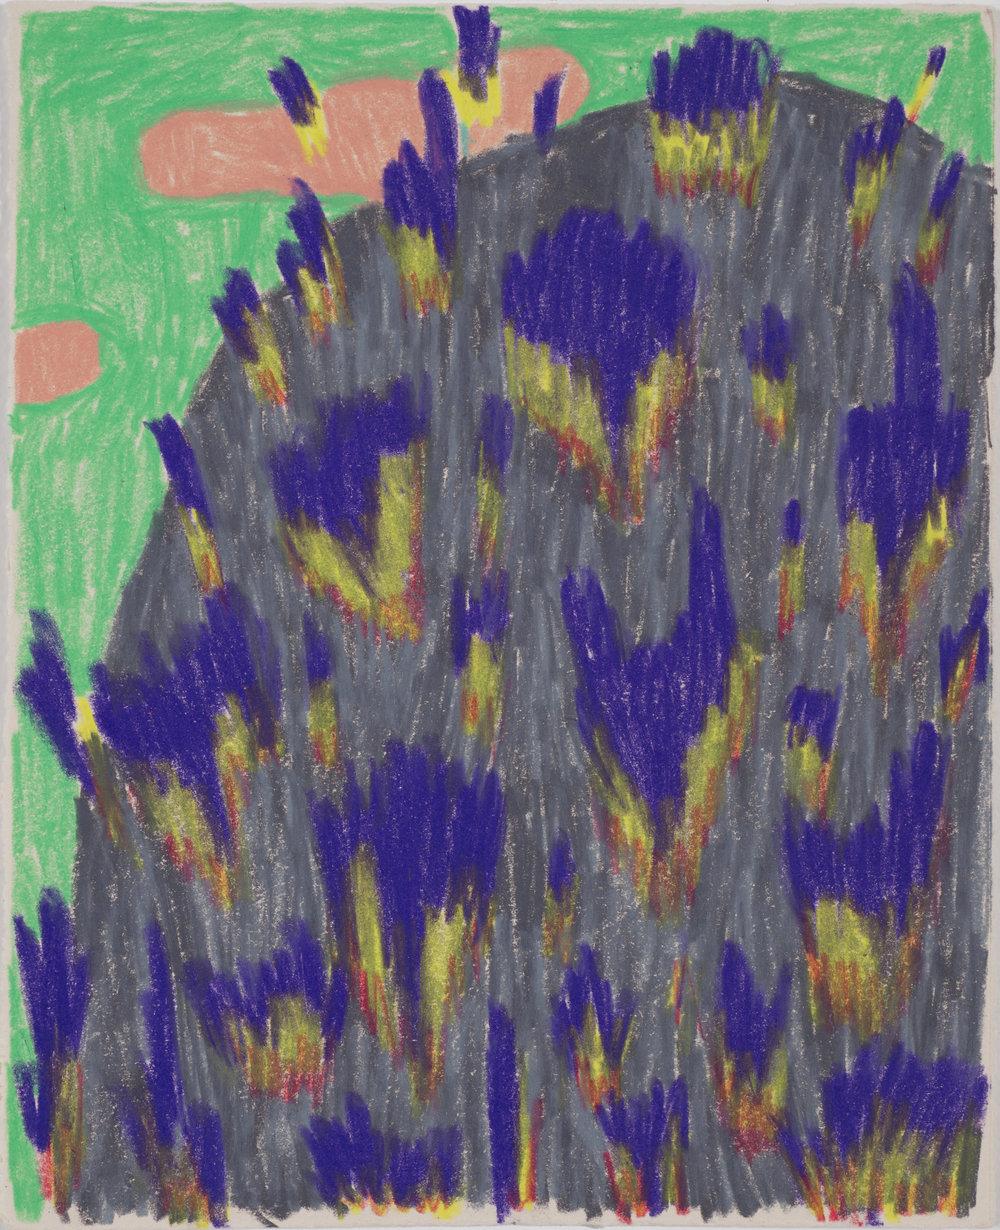 ziba_rajabi_enlightment in woods_2017_coloredpencil_6x7.5inch (1).jpg